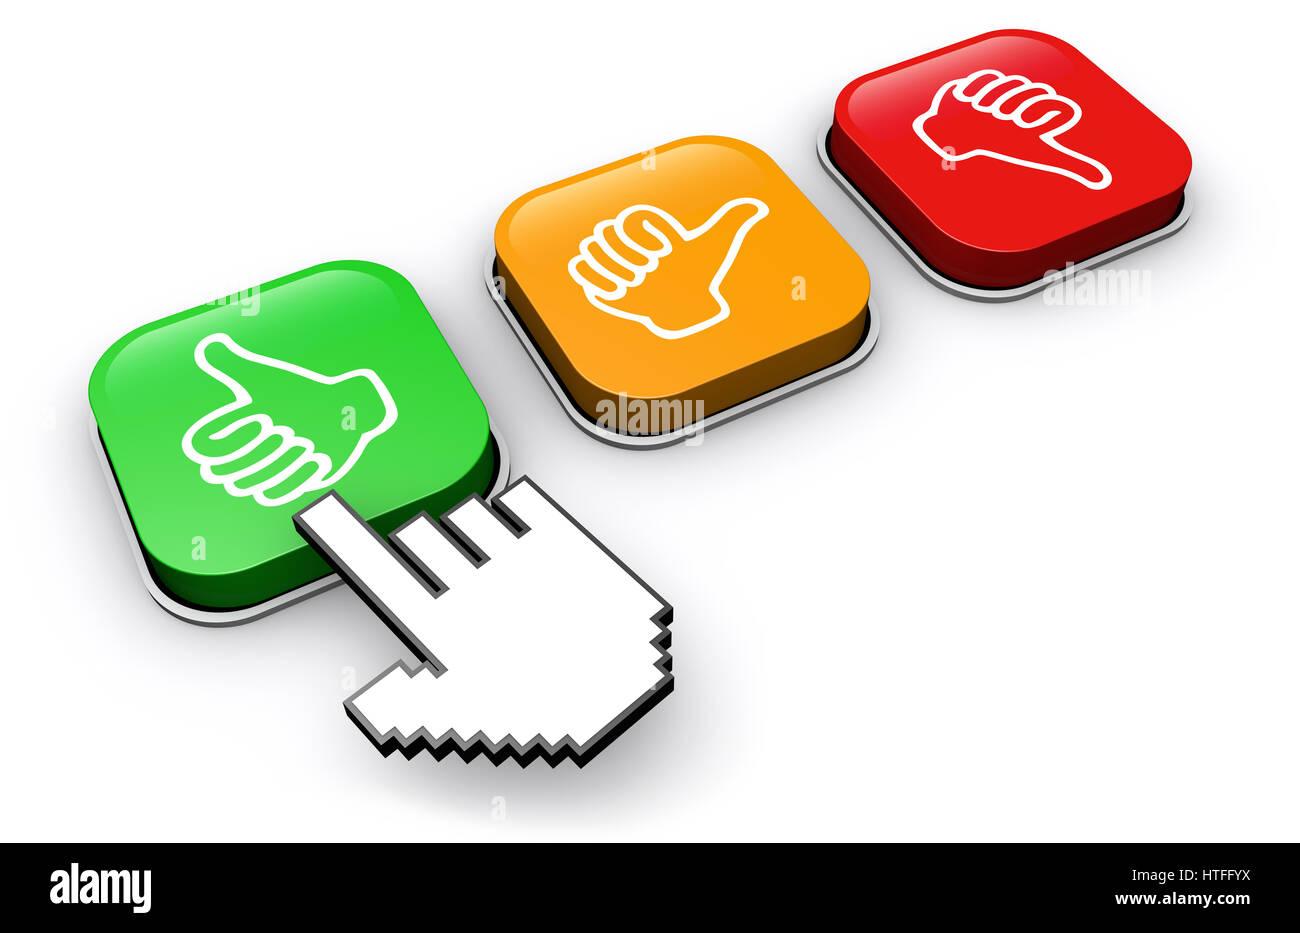 Client heureux en cliquant sur le bouton de rétroaction positive business et marketing concept abstrait 3d Photo Stock